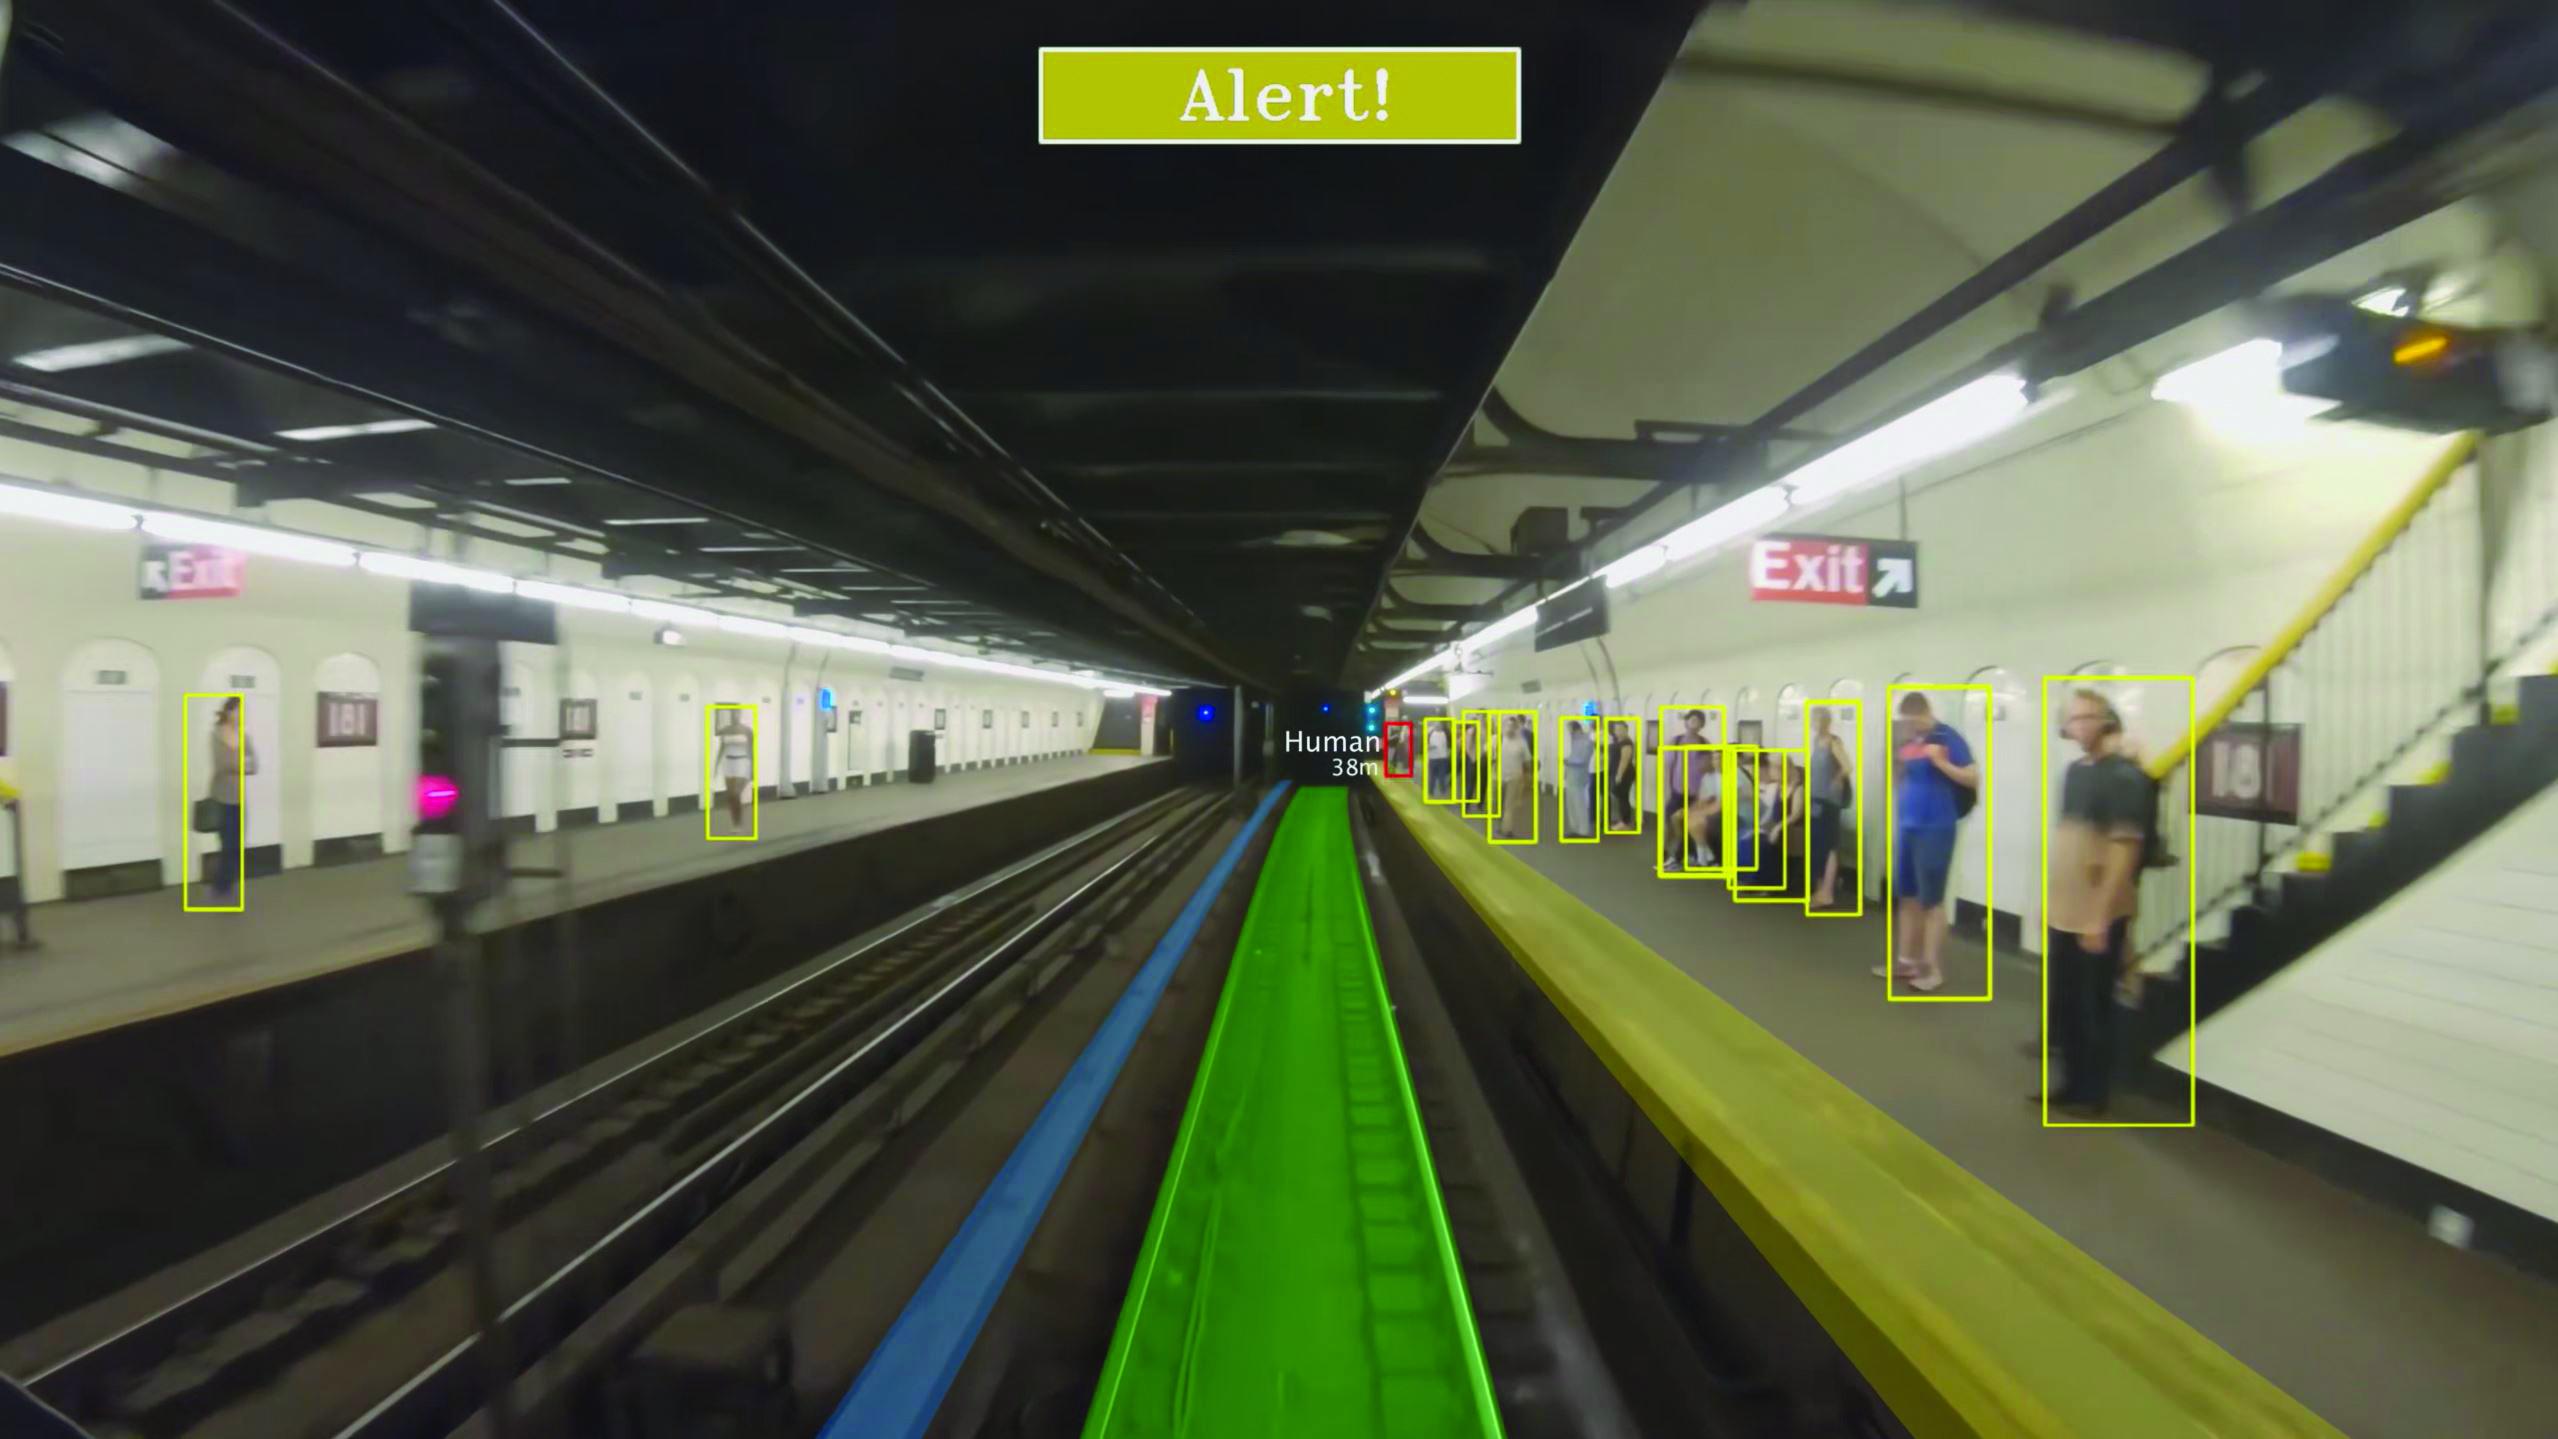 Passenger Platform Detection & Real-Time Alert